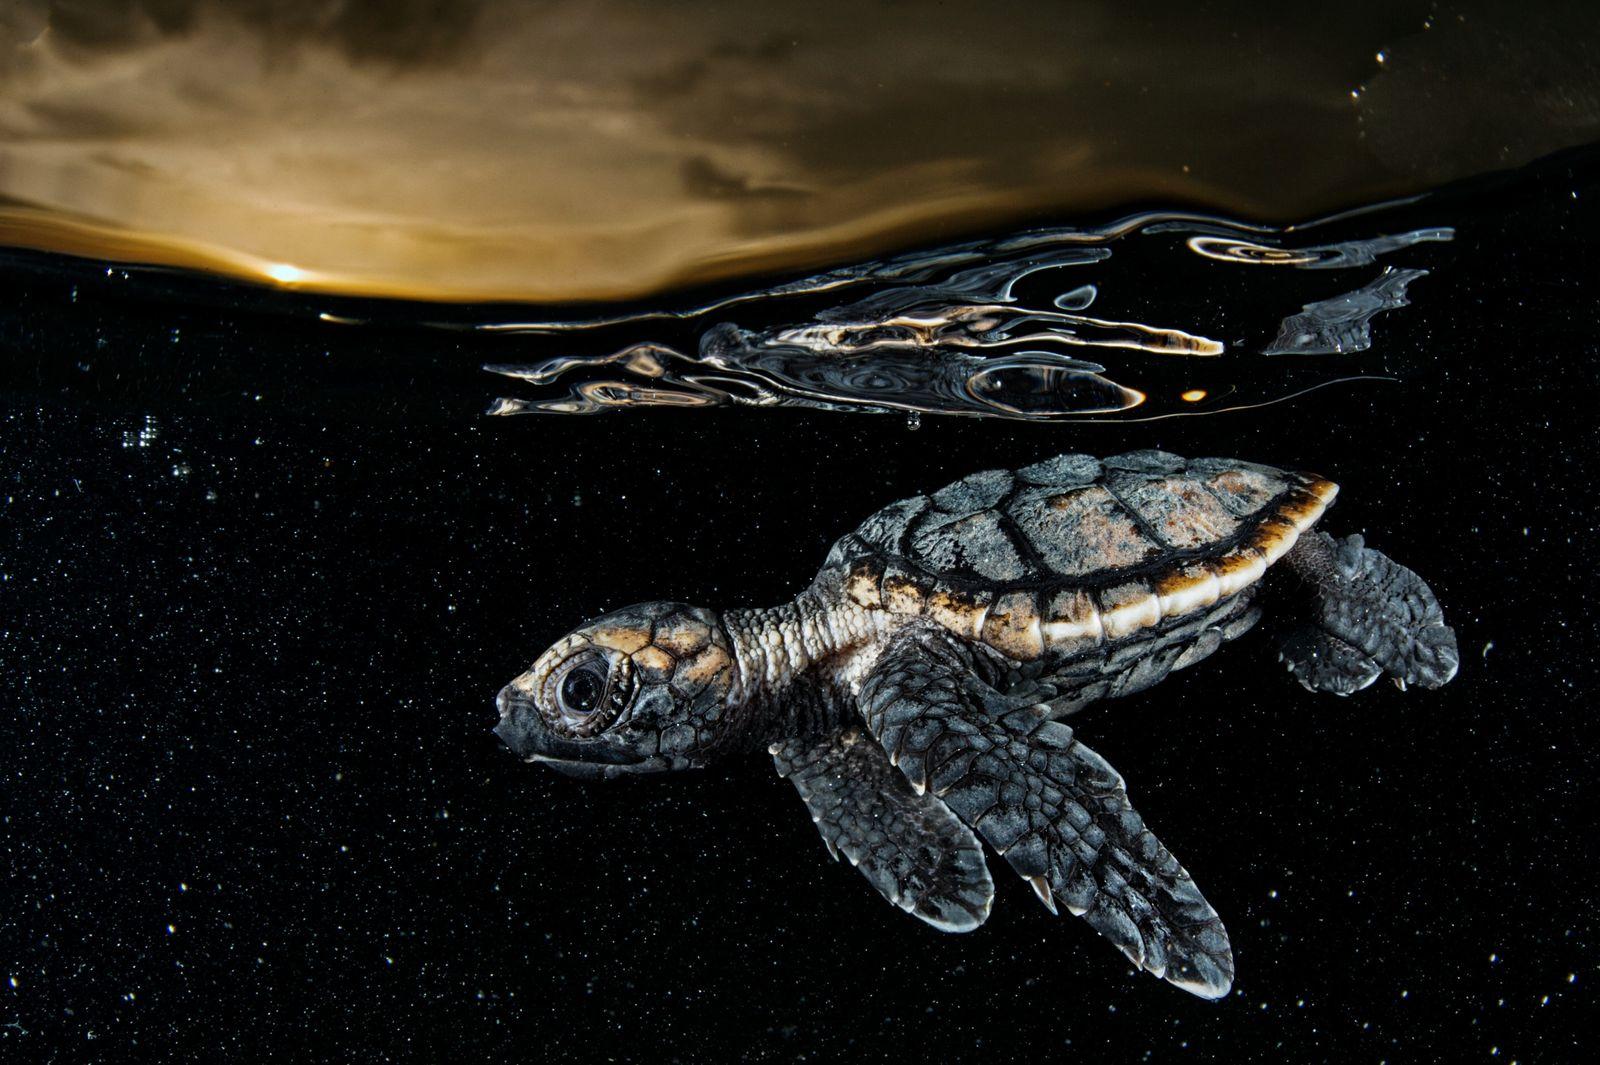 Em perigo crítico, um filhote de tartaruga-de-pente (acima) afasta-se da praia protegido pela escuridão da noite ...